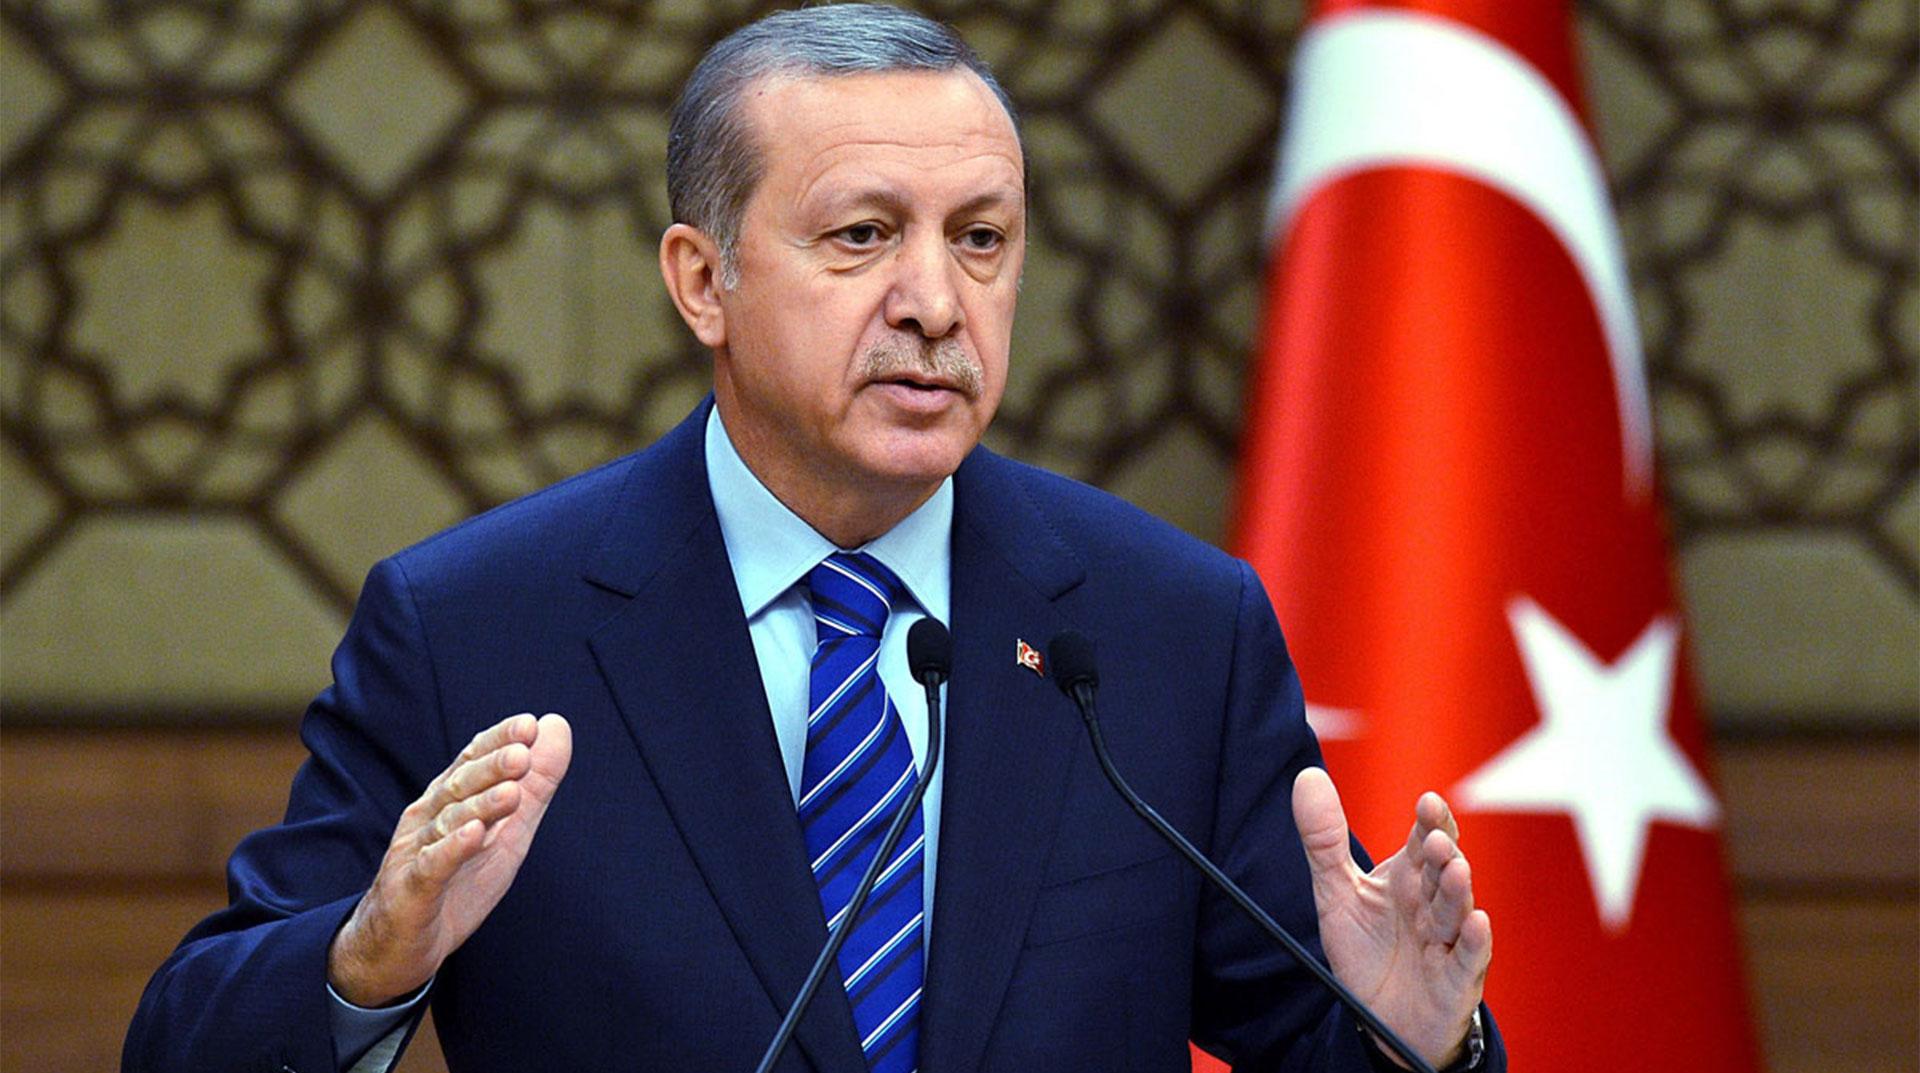 Erdoğan Girişimcilere Seslendi: Gel, Yatırım Yap